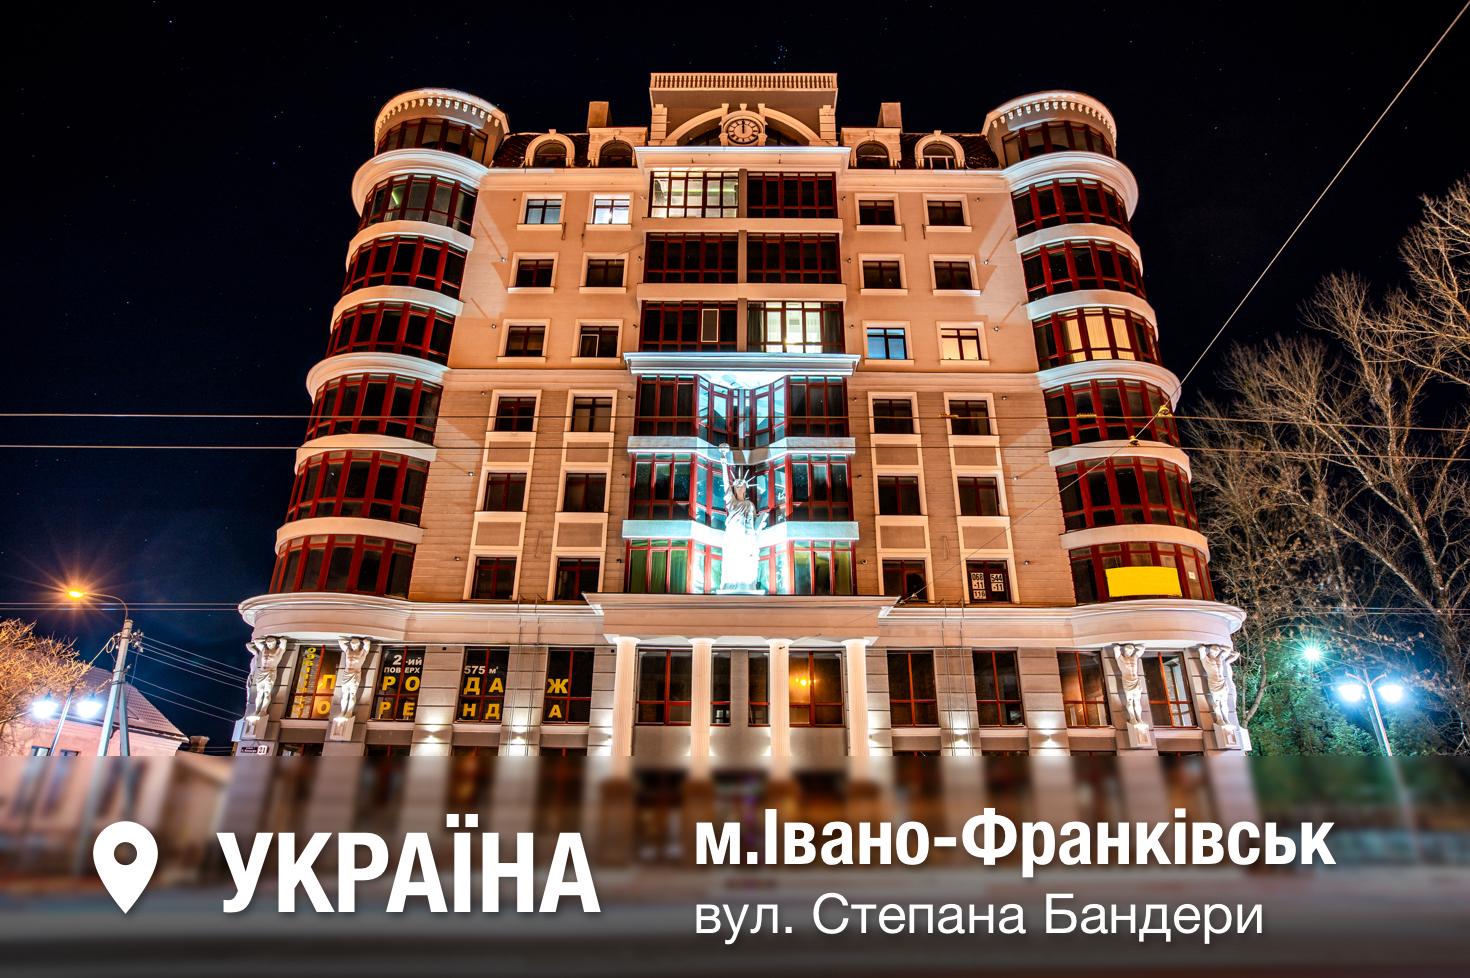 Вечірні фото житлових комплексів міжнародної будівельної компанії M GROUP DEVELOPMENT в Івано-Франківську